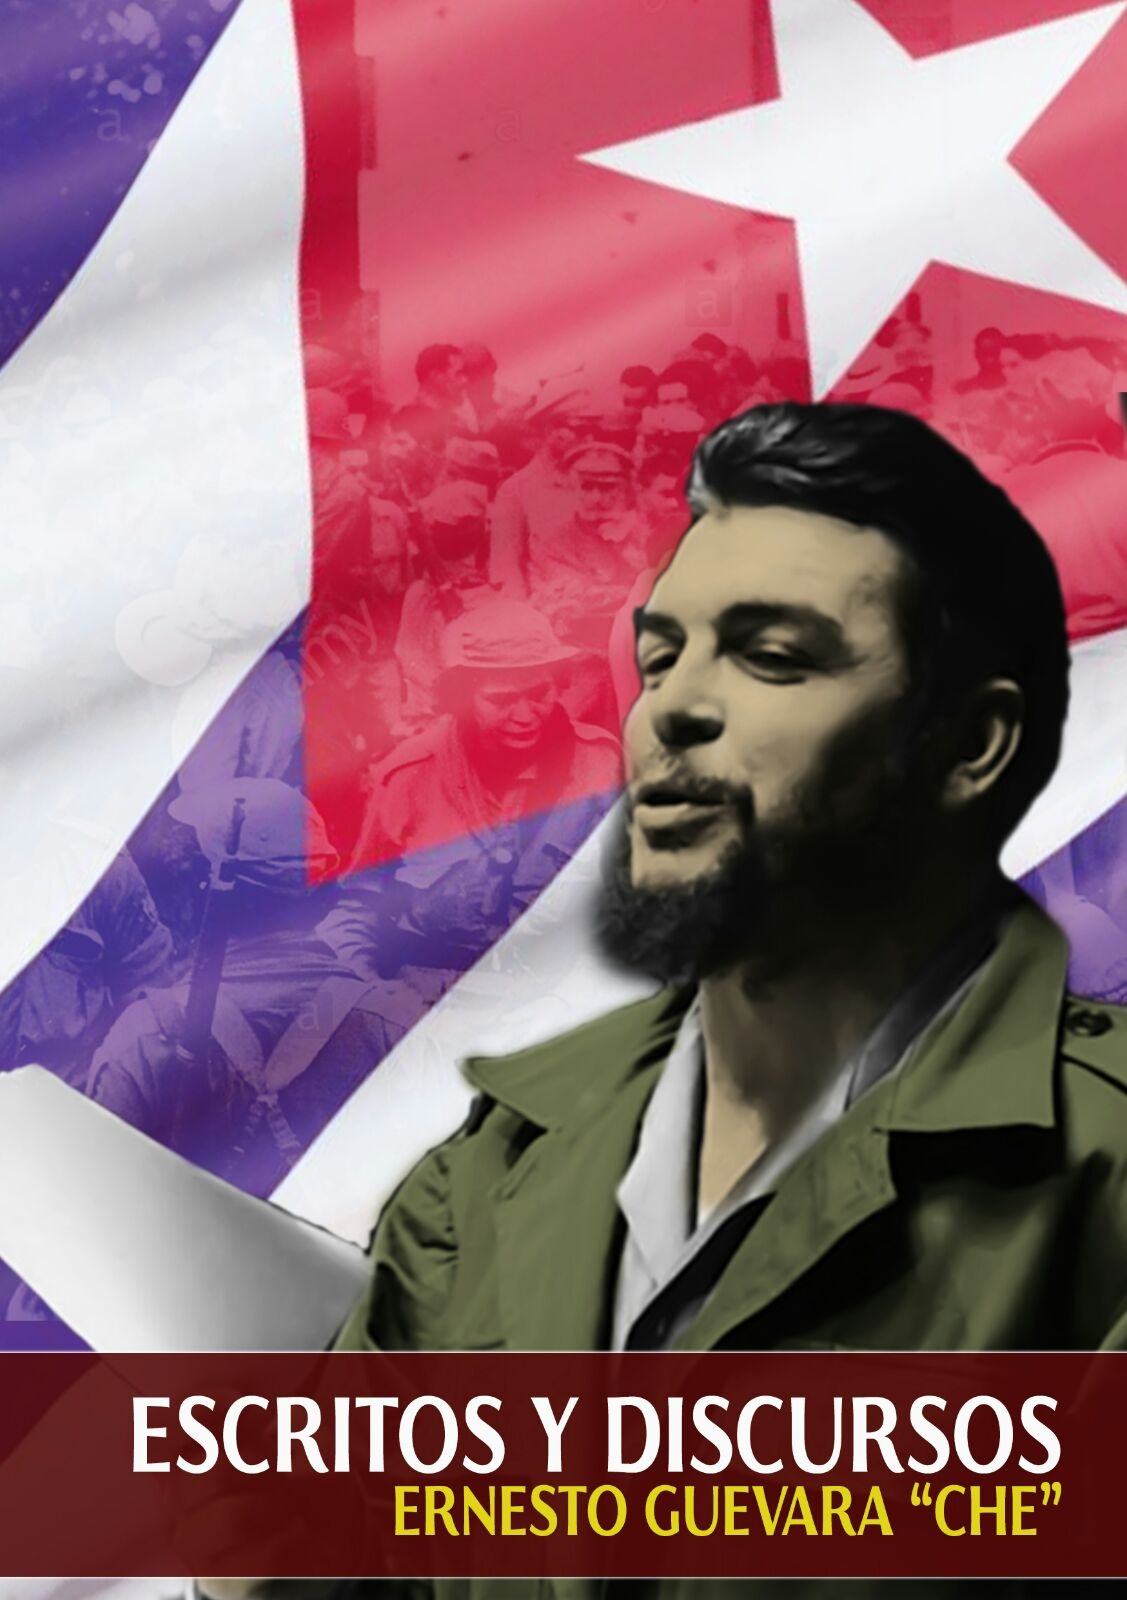 Escritos y discursos del Che